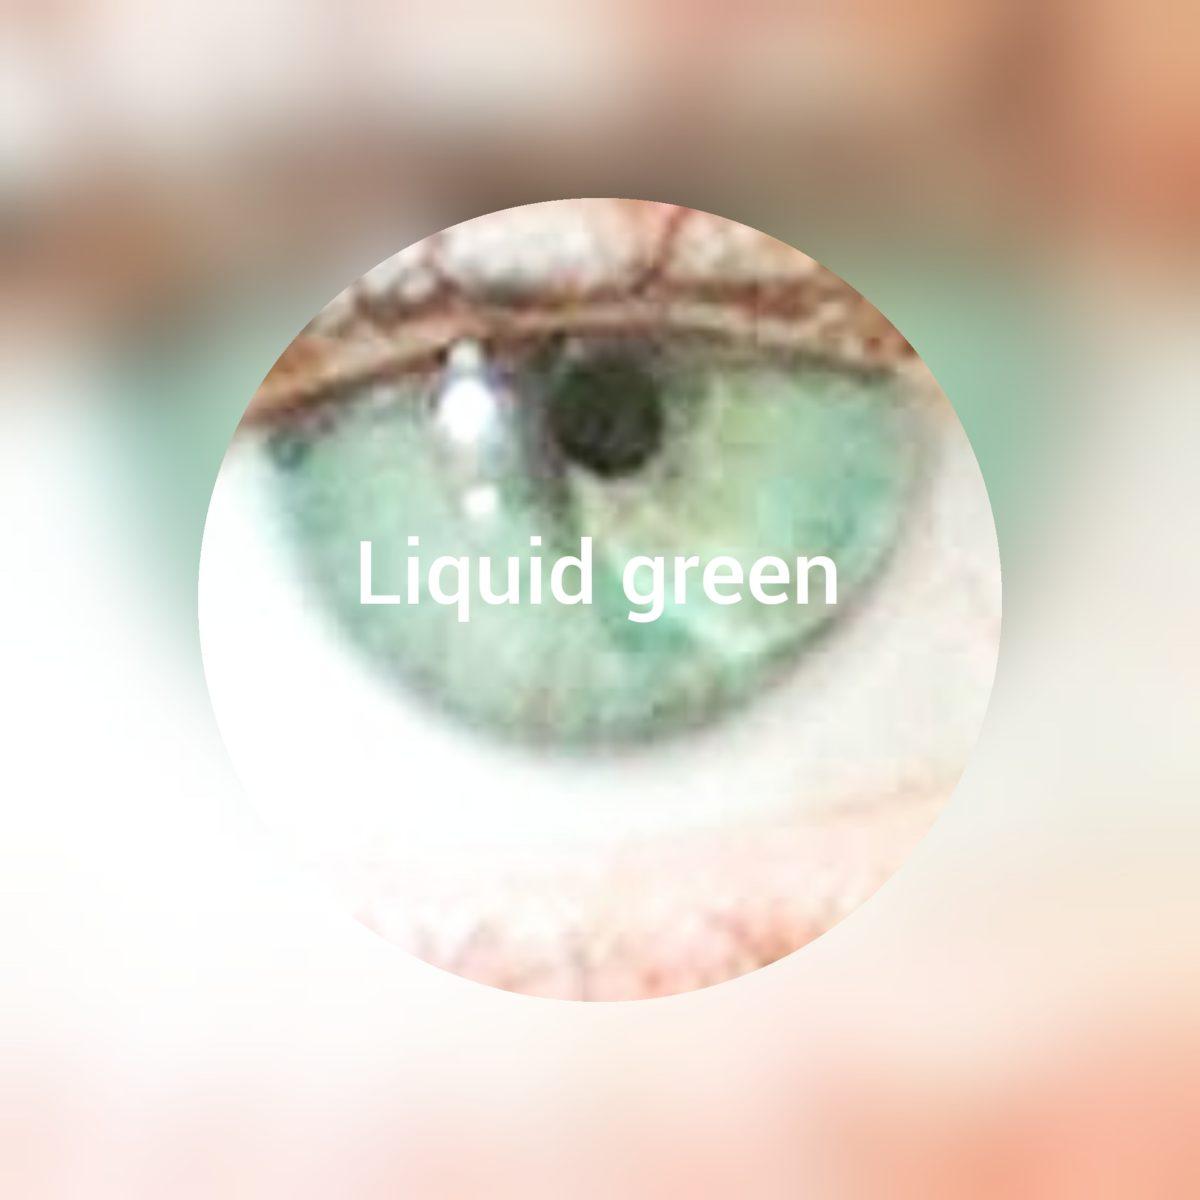 liquid green